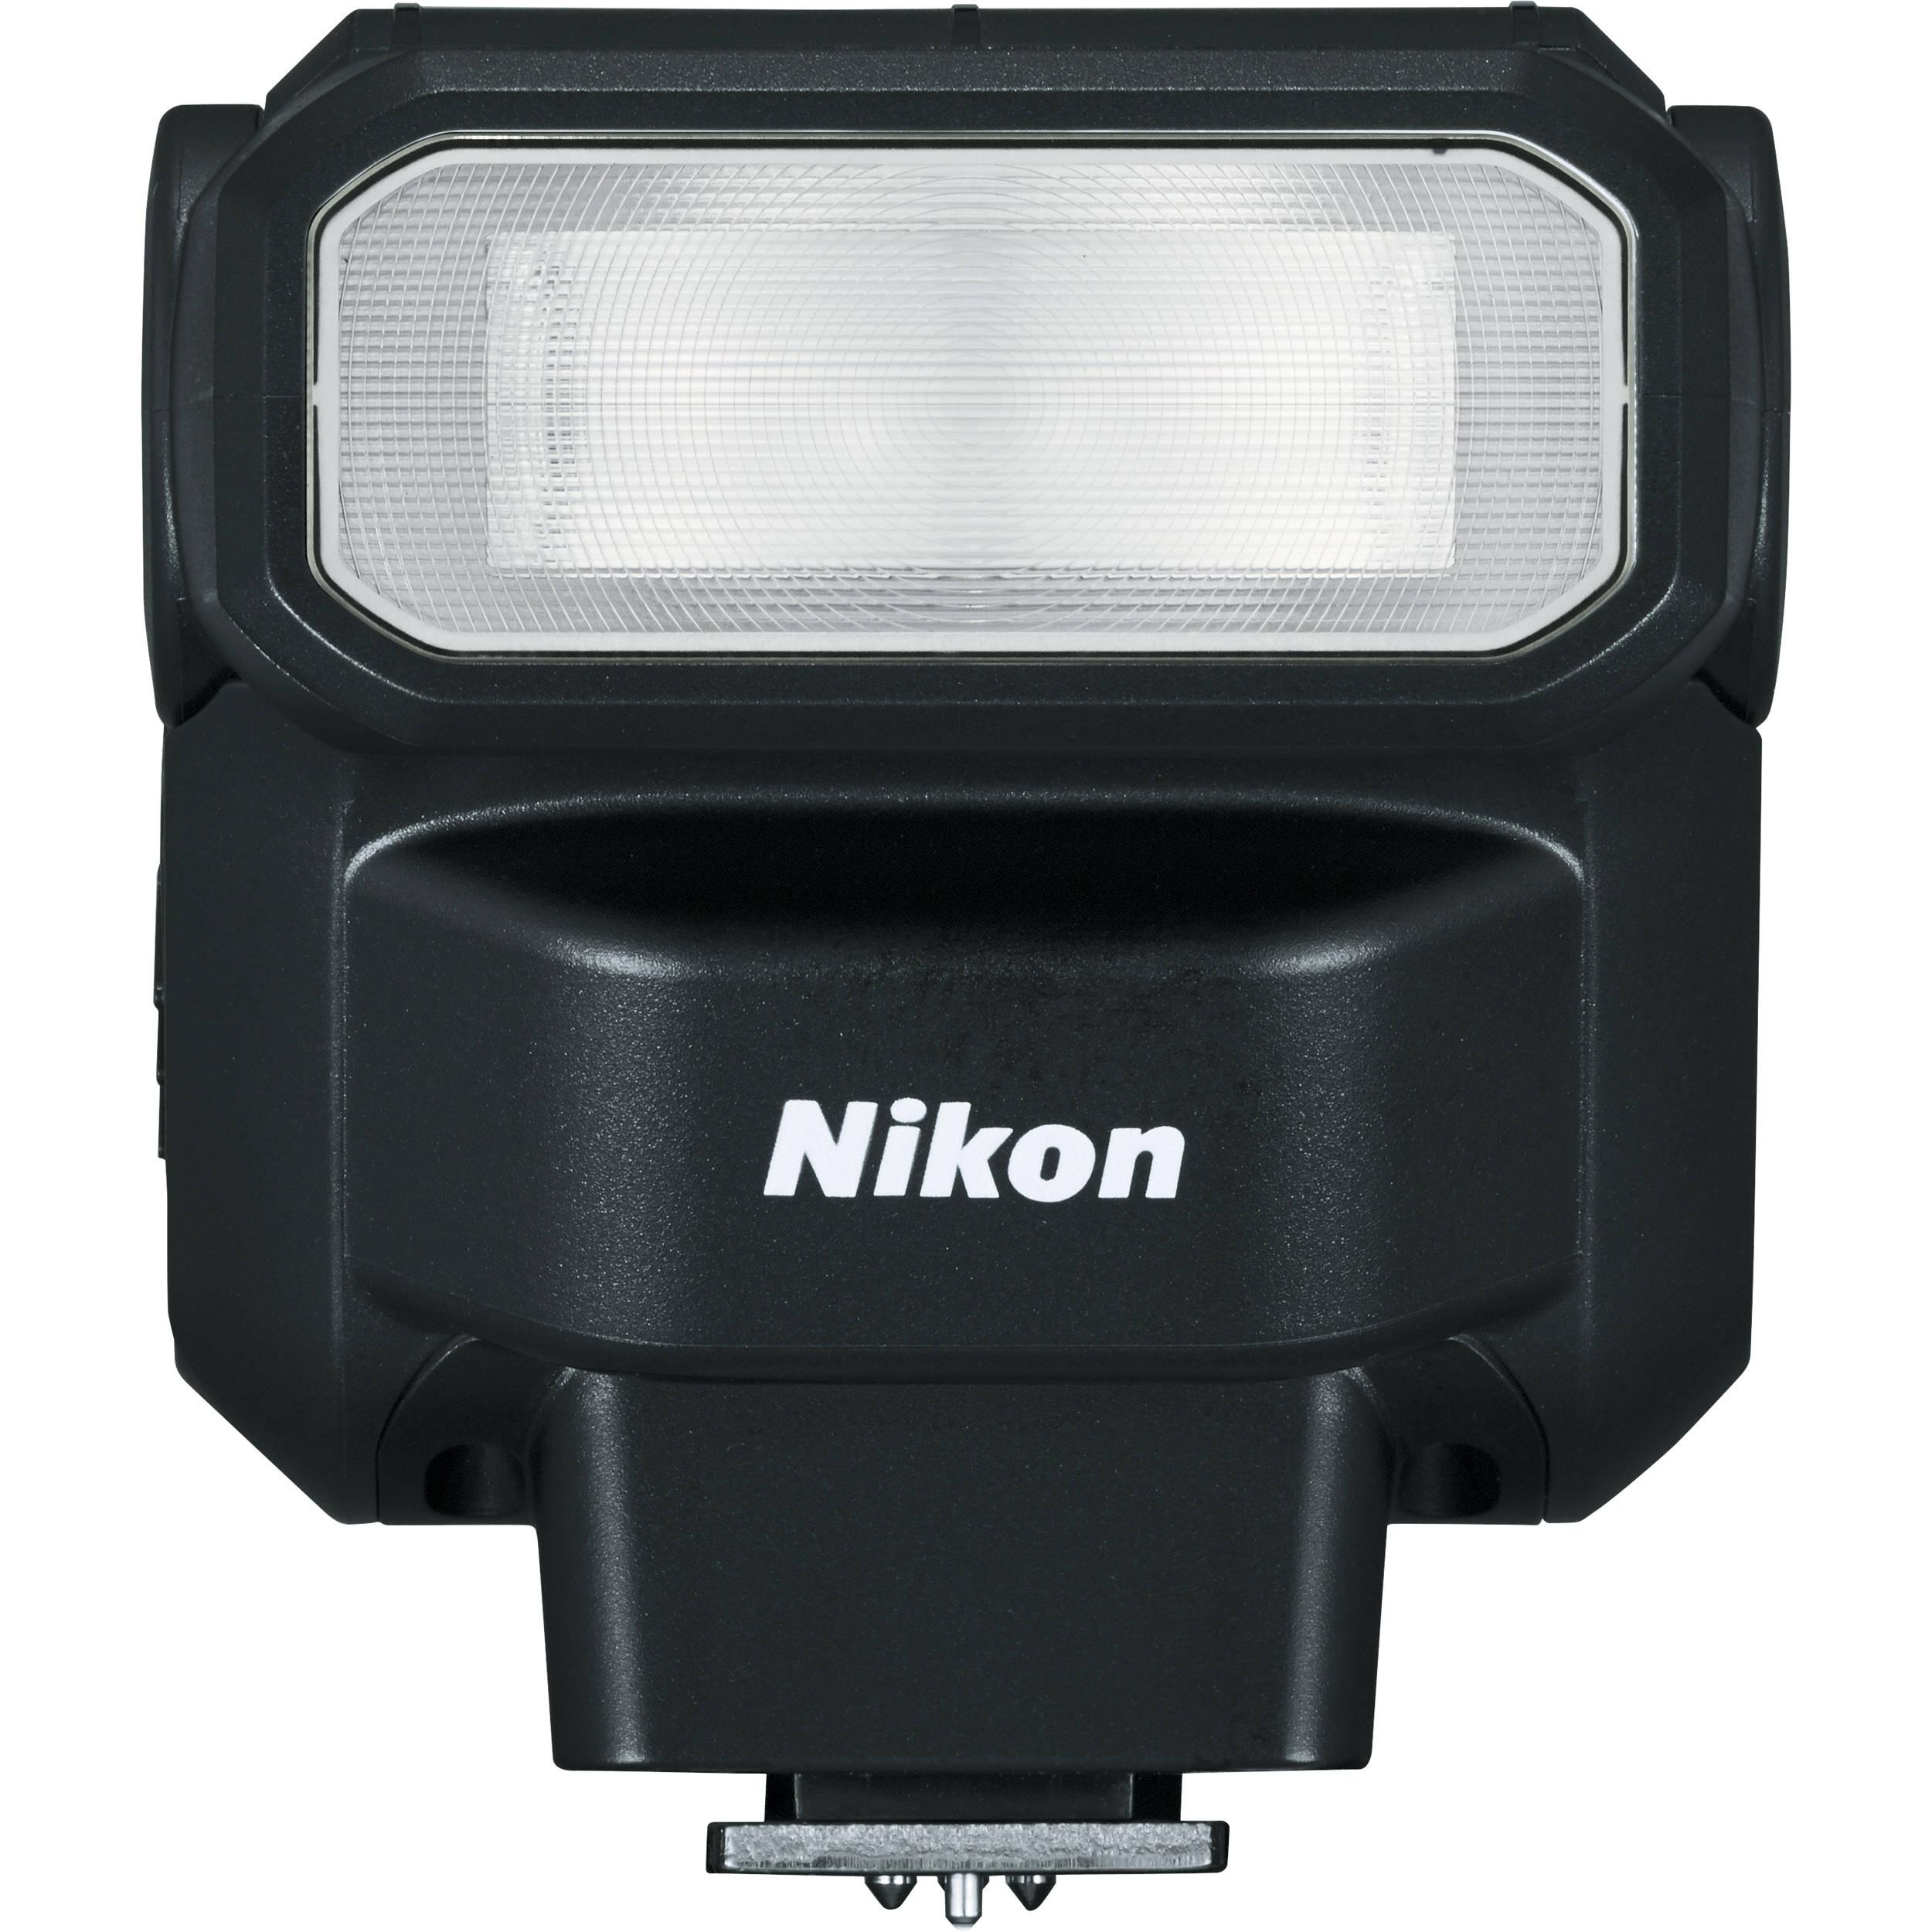 huge selection of 10567 7ab19 Nikon SB-300 AF Speedlight